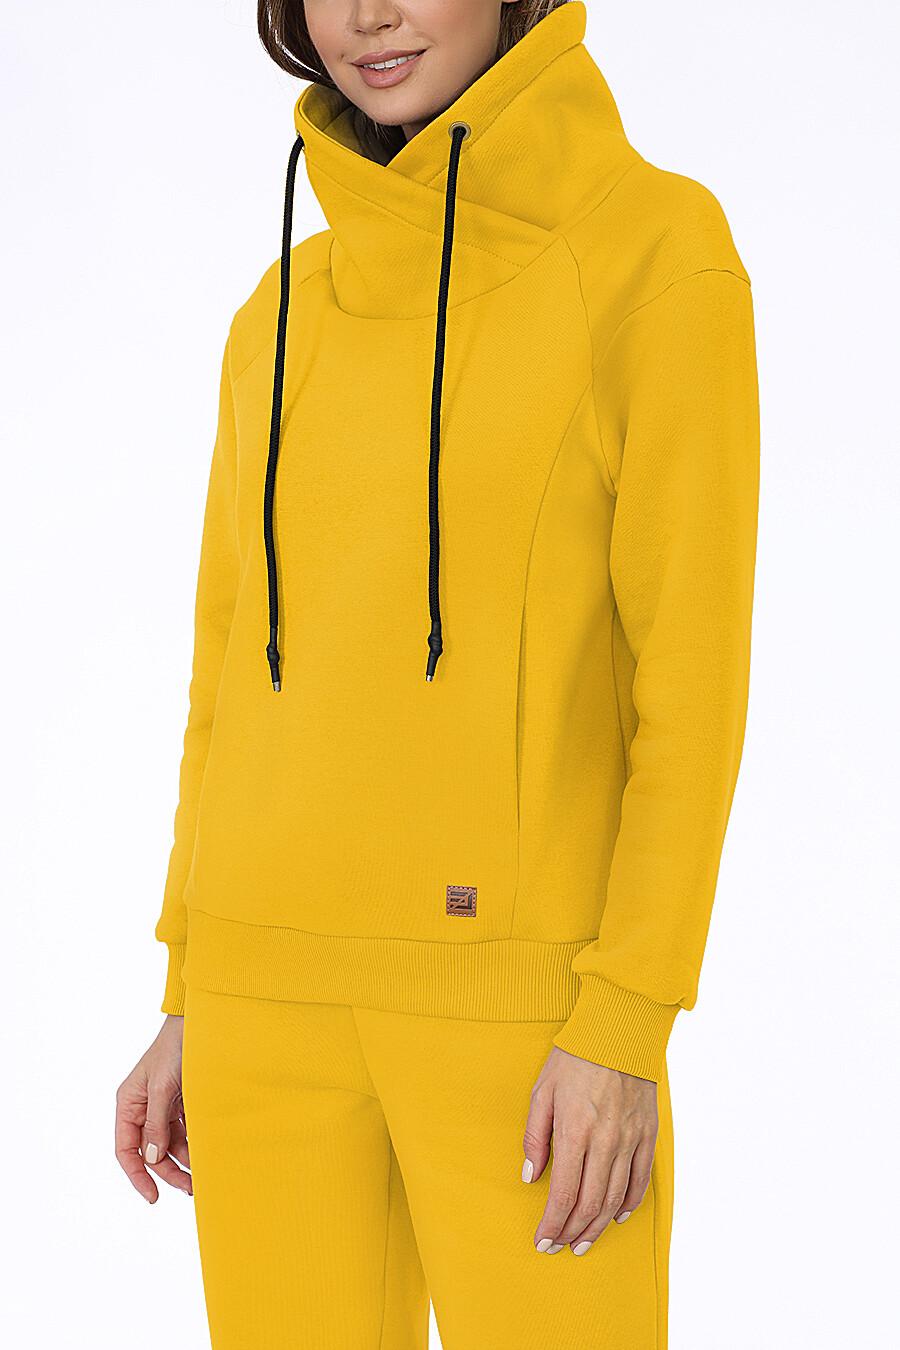 Костюм (Брюки+Худи) для женщин EZANNA 708237 купить оптом от производителя. Совместная покупка женской одежды в OptMoyo